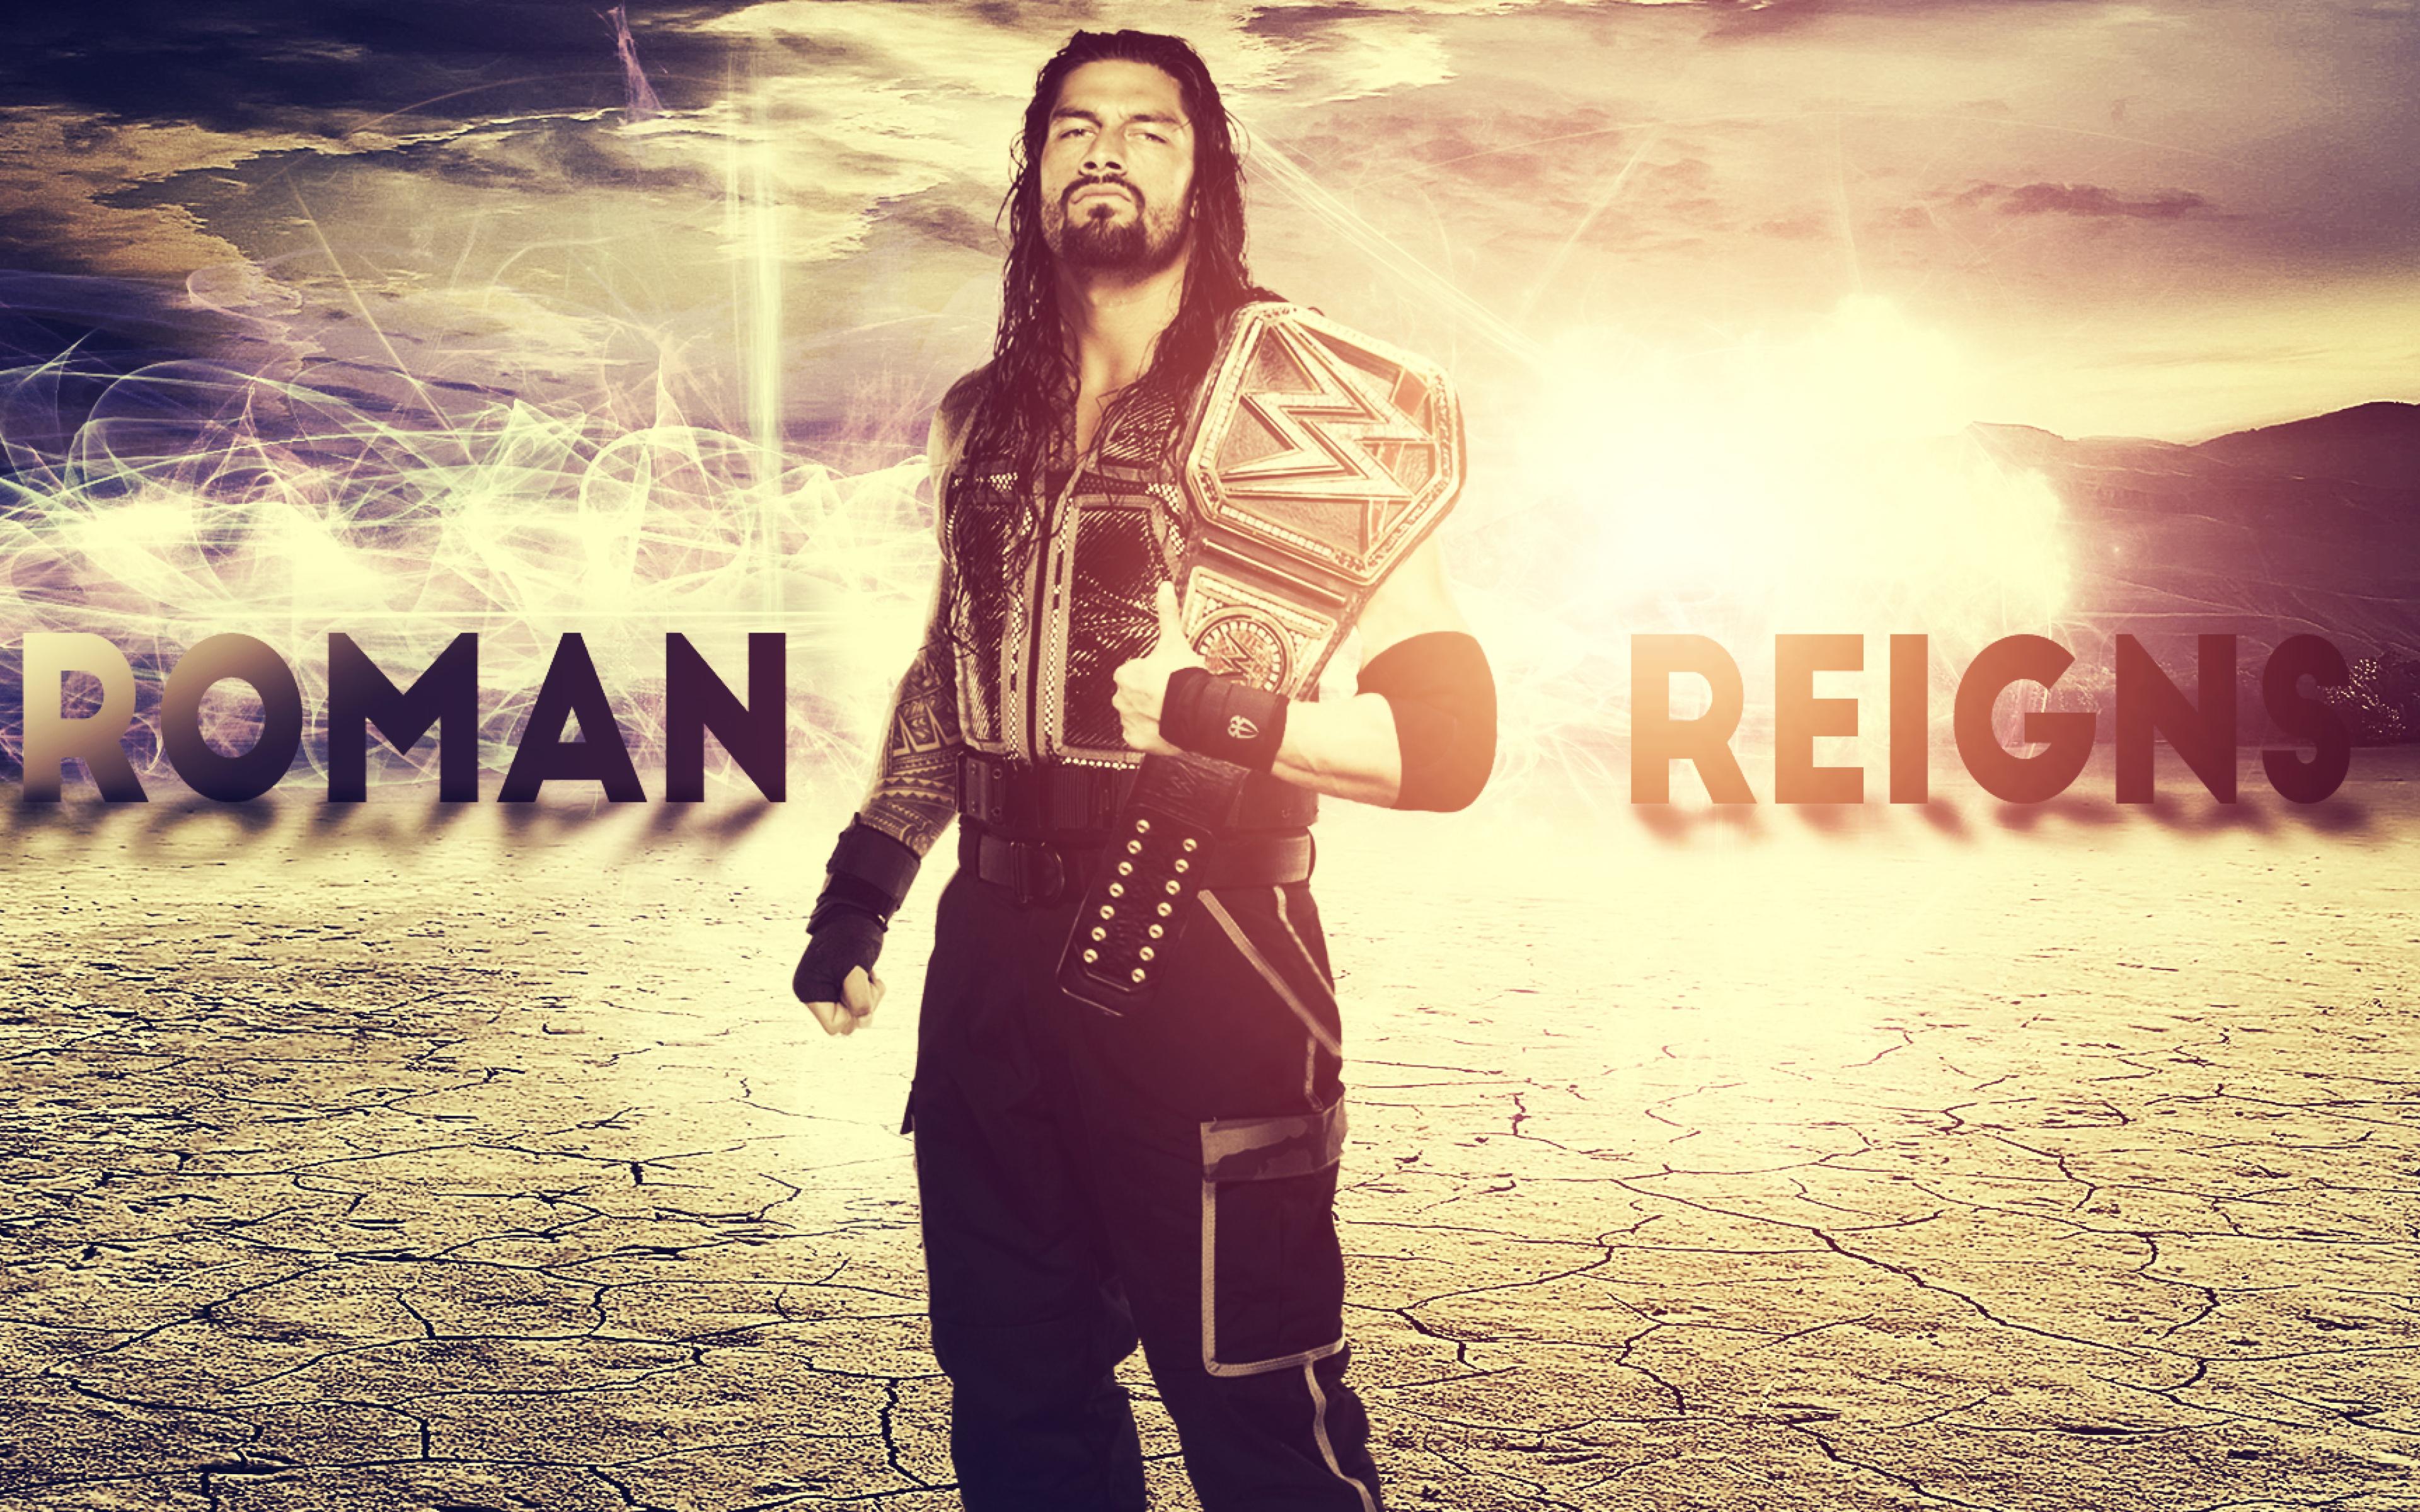 Roman Reigns Wwe Champion Full Hd Wallpaper